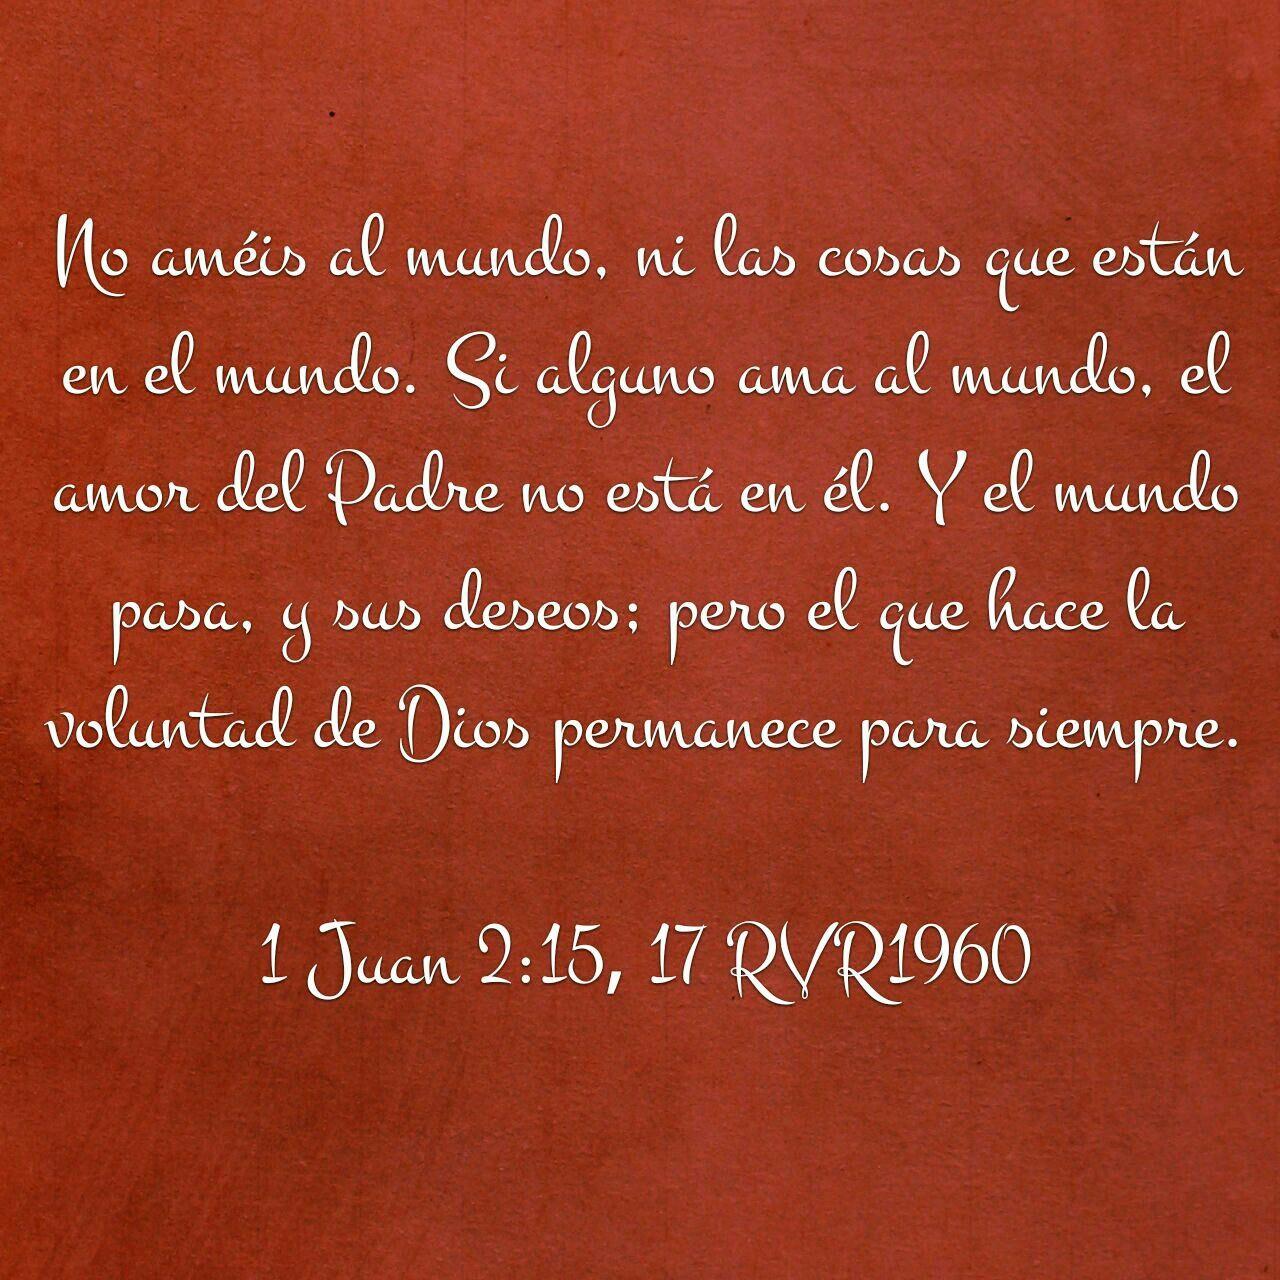 150 Ideas De Dios Dios Citas Célebres Cristianas Sacrificio De Amor